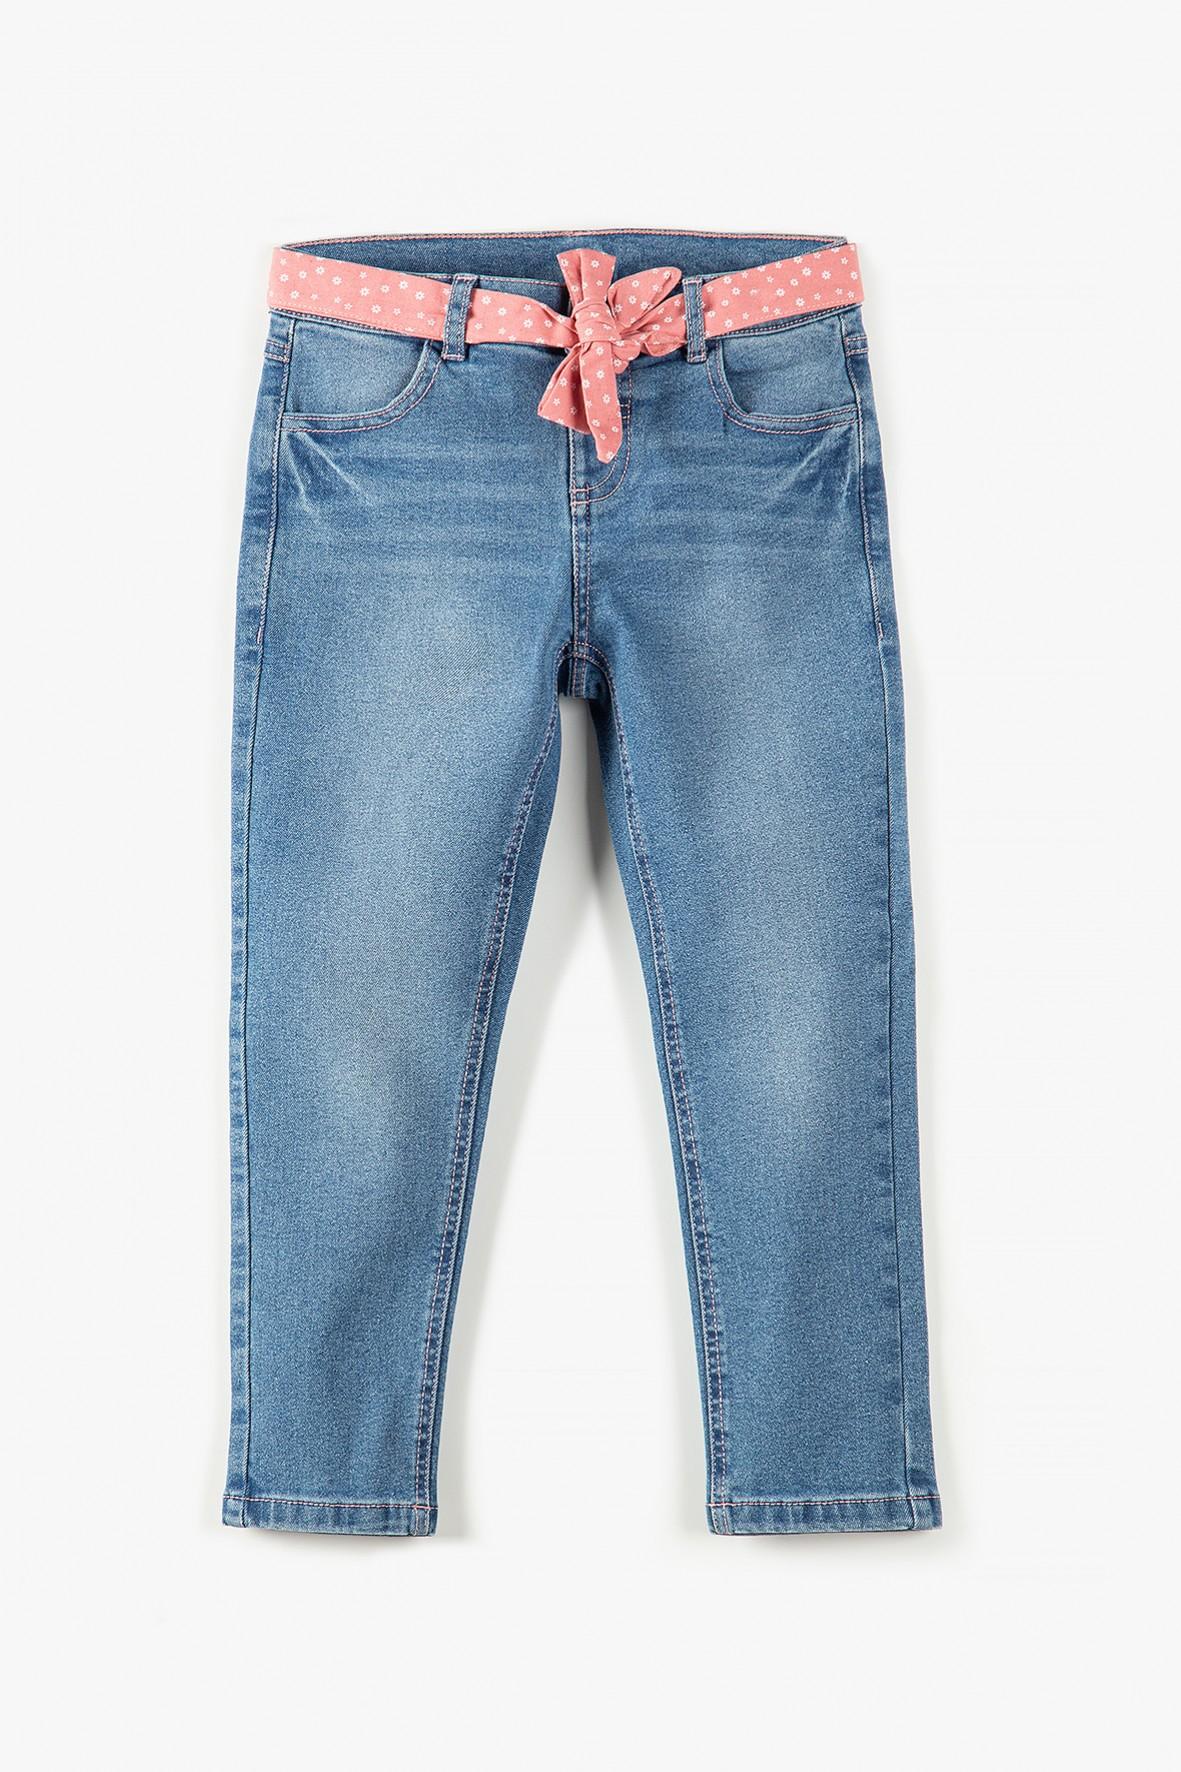 Spodnie dziewczęce jeansowe z różową ozdobną wstążka